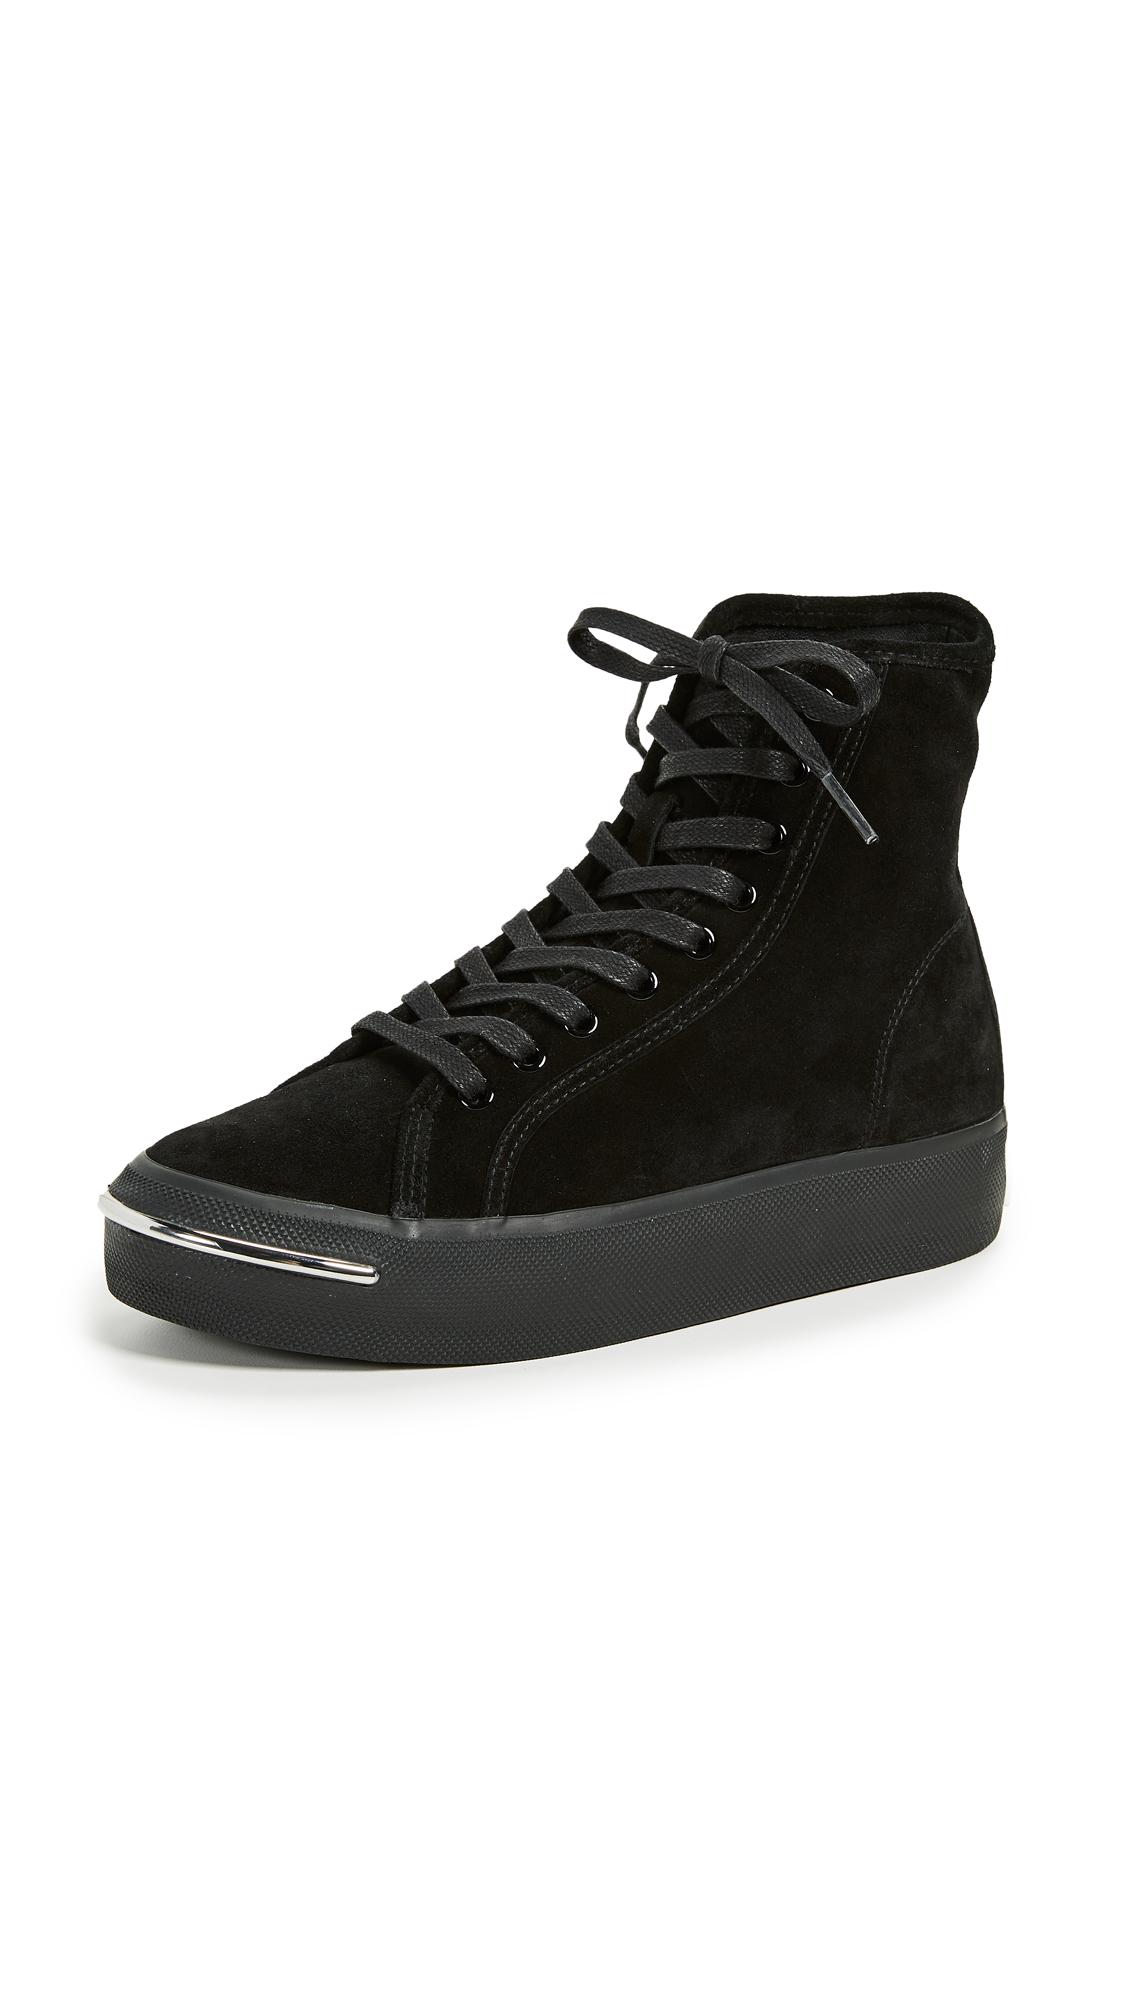 Alexander Wang Pia Sneakers - Black